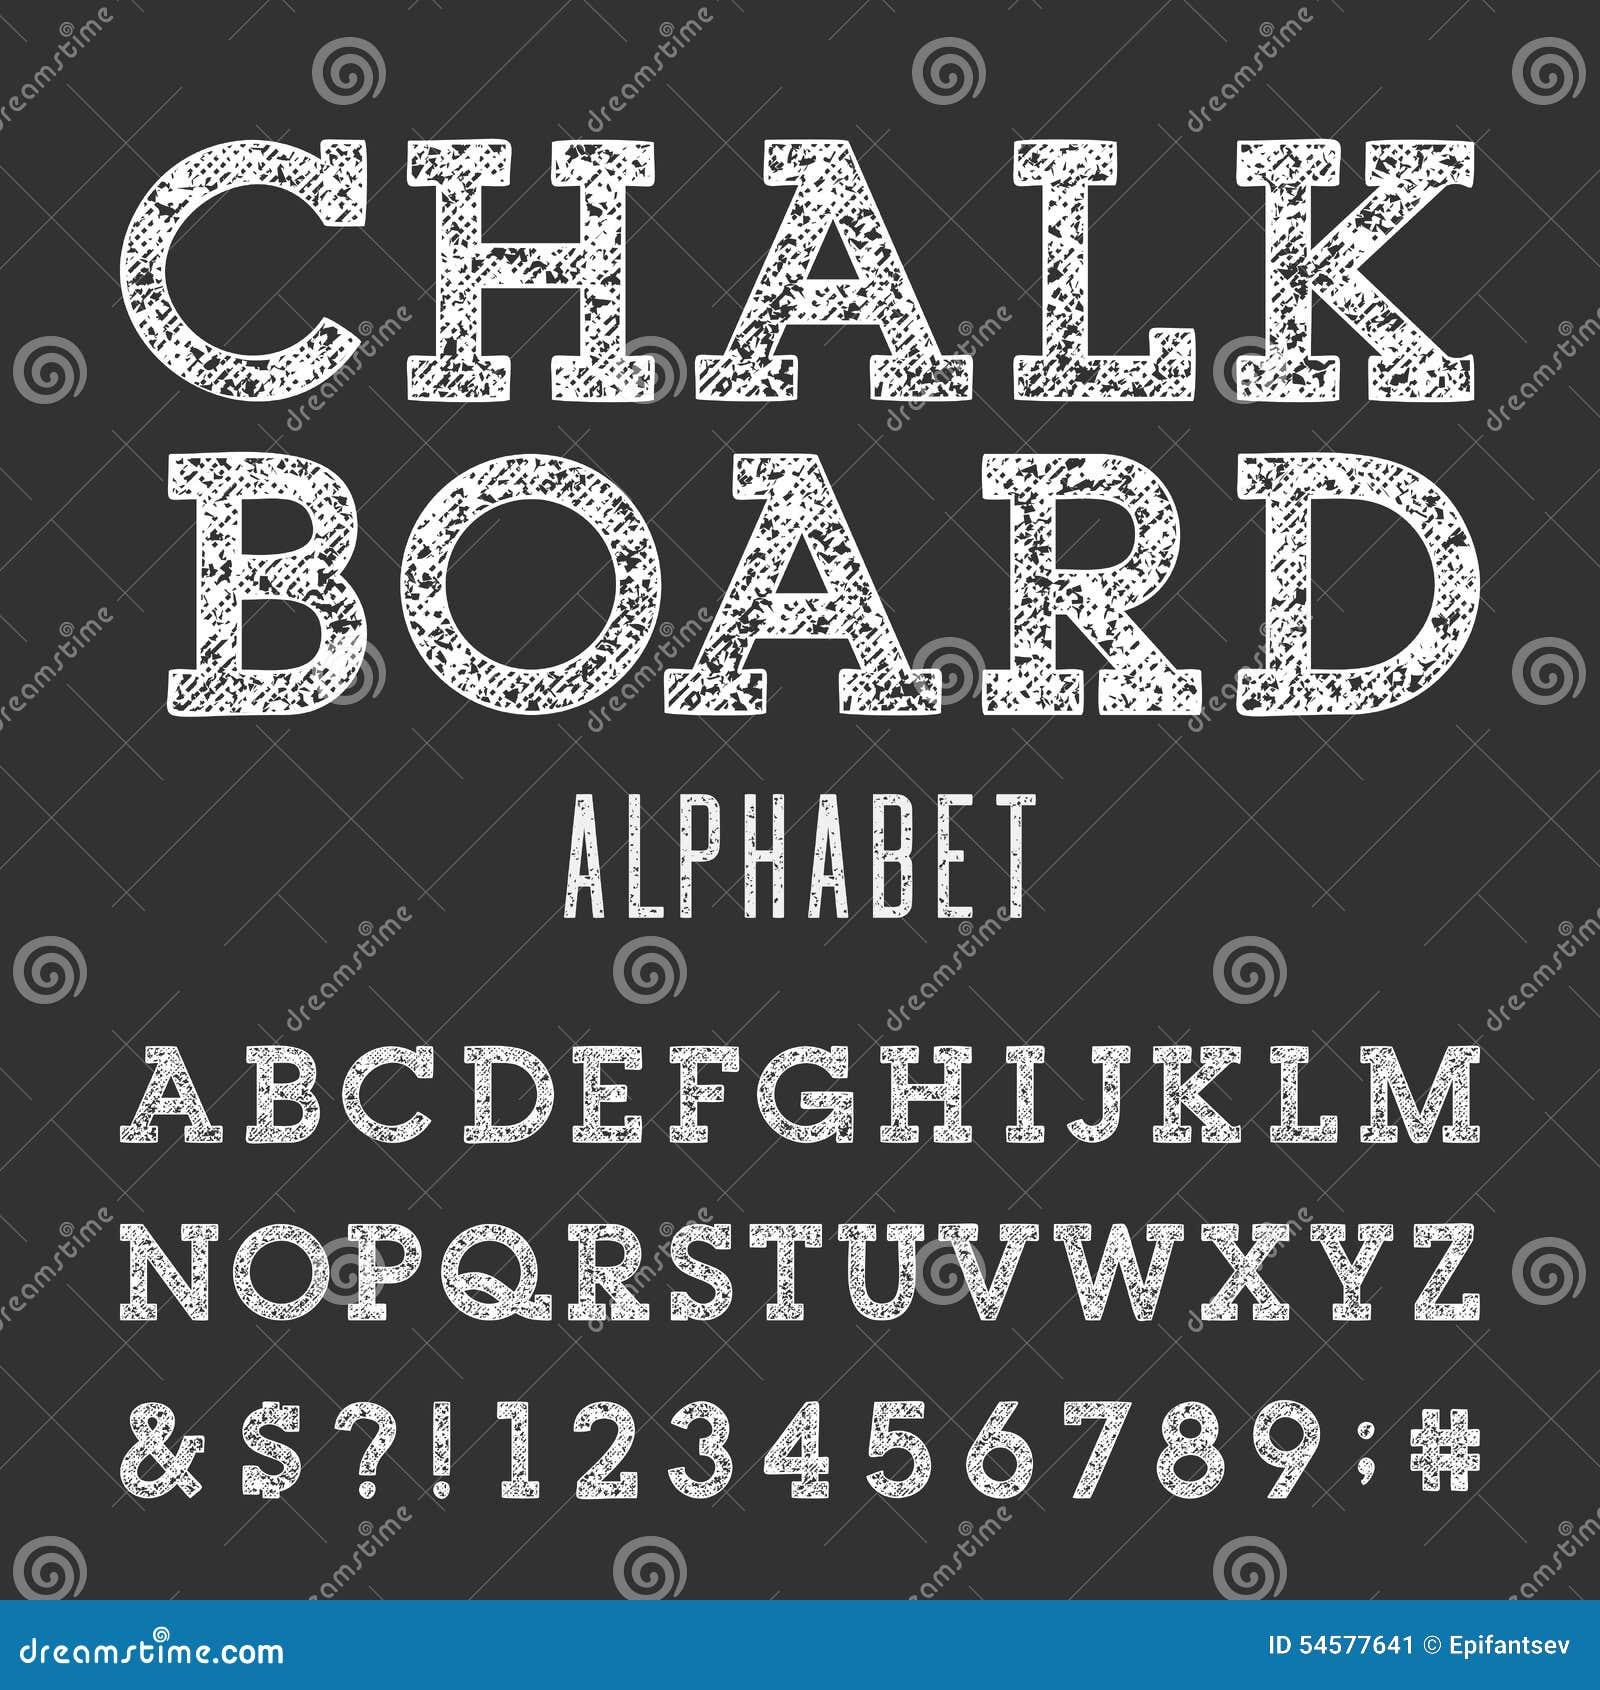 free chalkboard downloads thevillas co